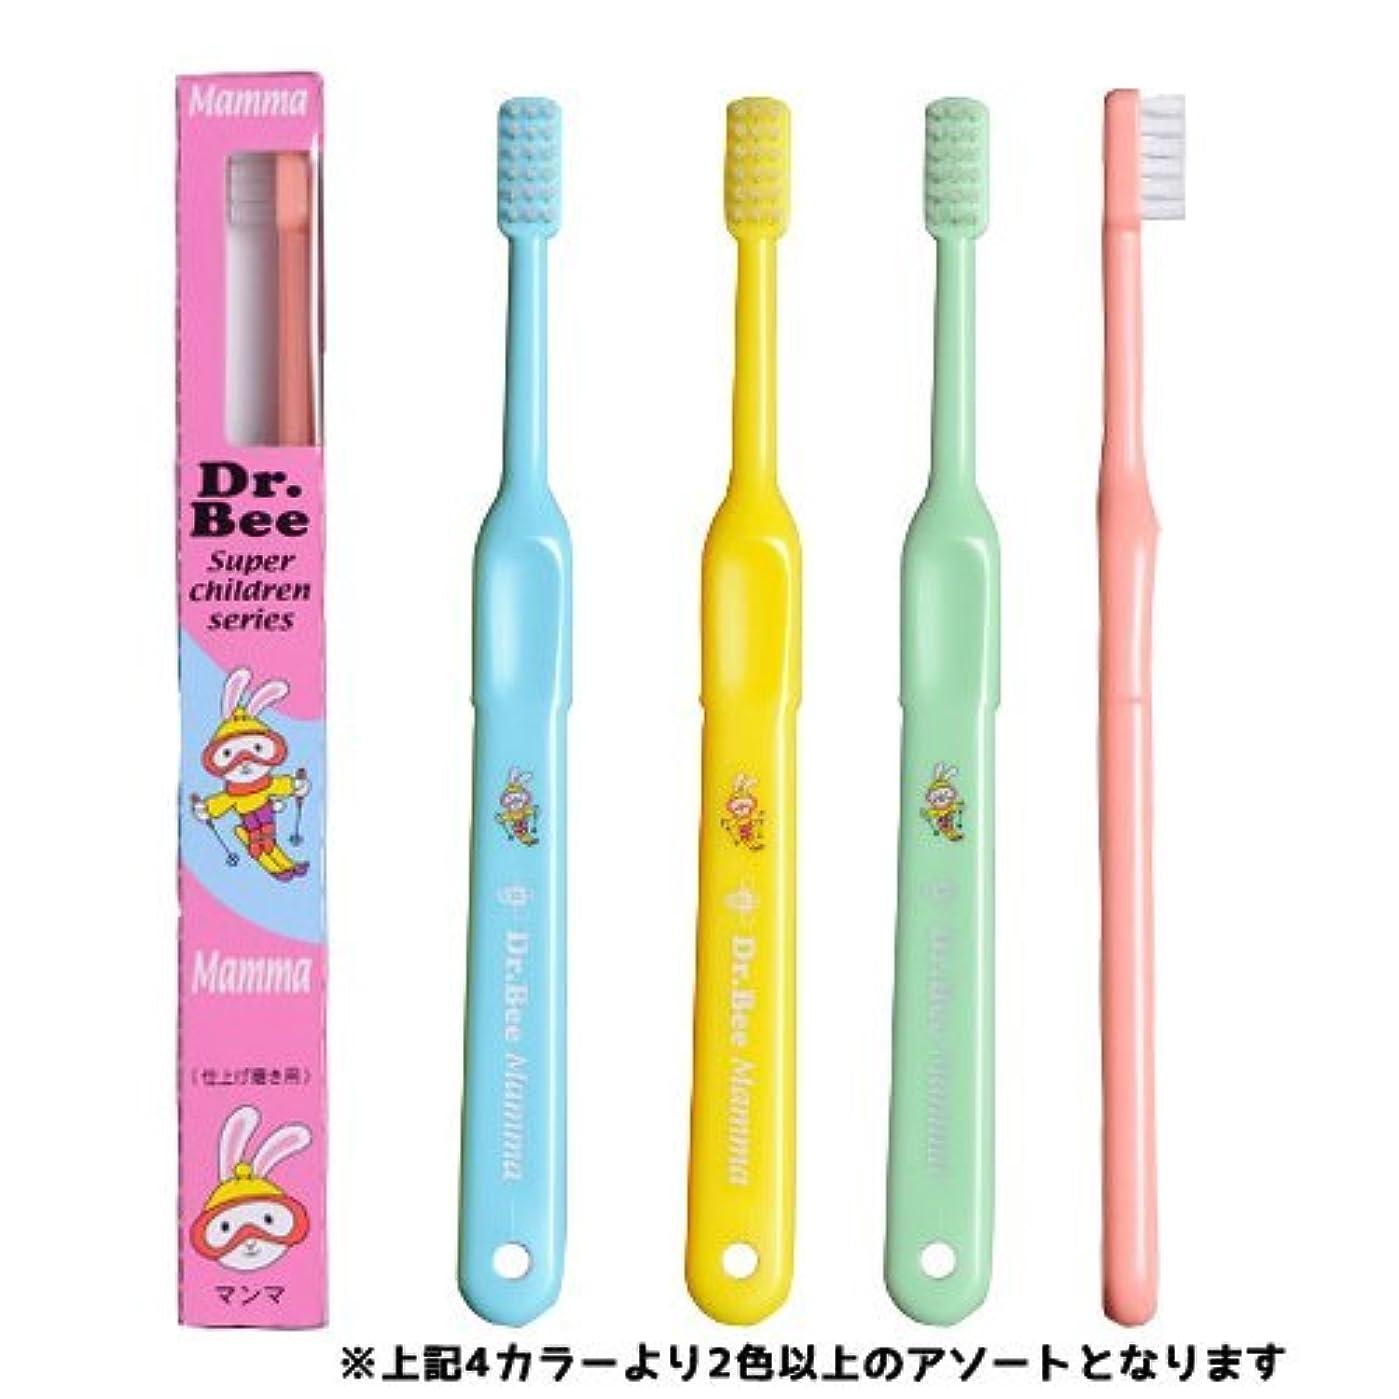 果てしない立派な誕生日ビーブランド ドクタービーマンマ 歯ブラシ 20本